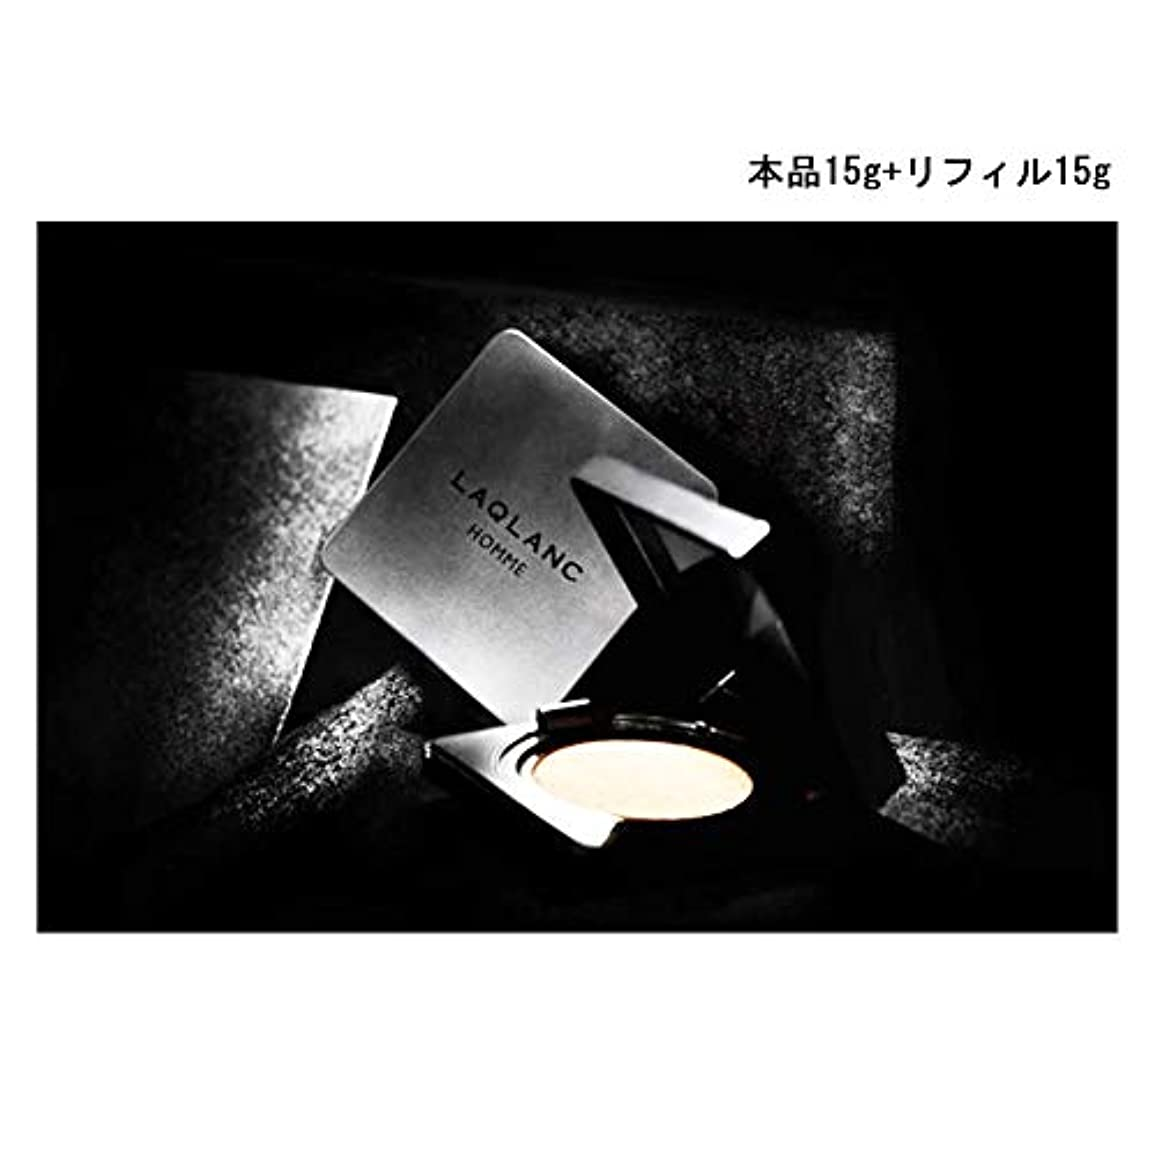 厳しいアトミックファックス(Laqlanc)大人気 10秒完成 ナチュラル 肌色アップ 紫外線遮断 ホワイトニング 男性 エアクッション 15g +リフィル 15g [海外配送品] [並行輸入品]